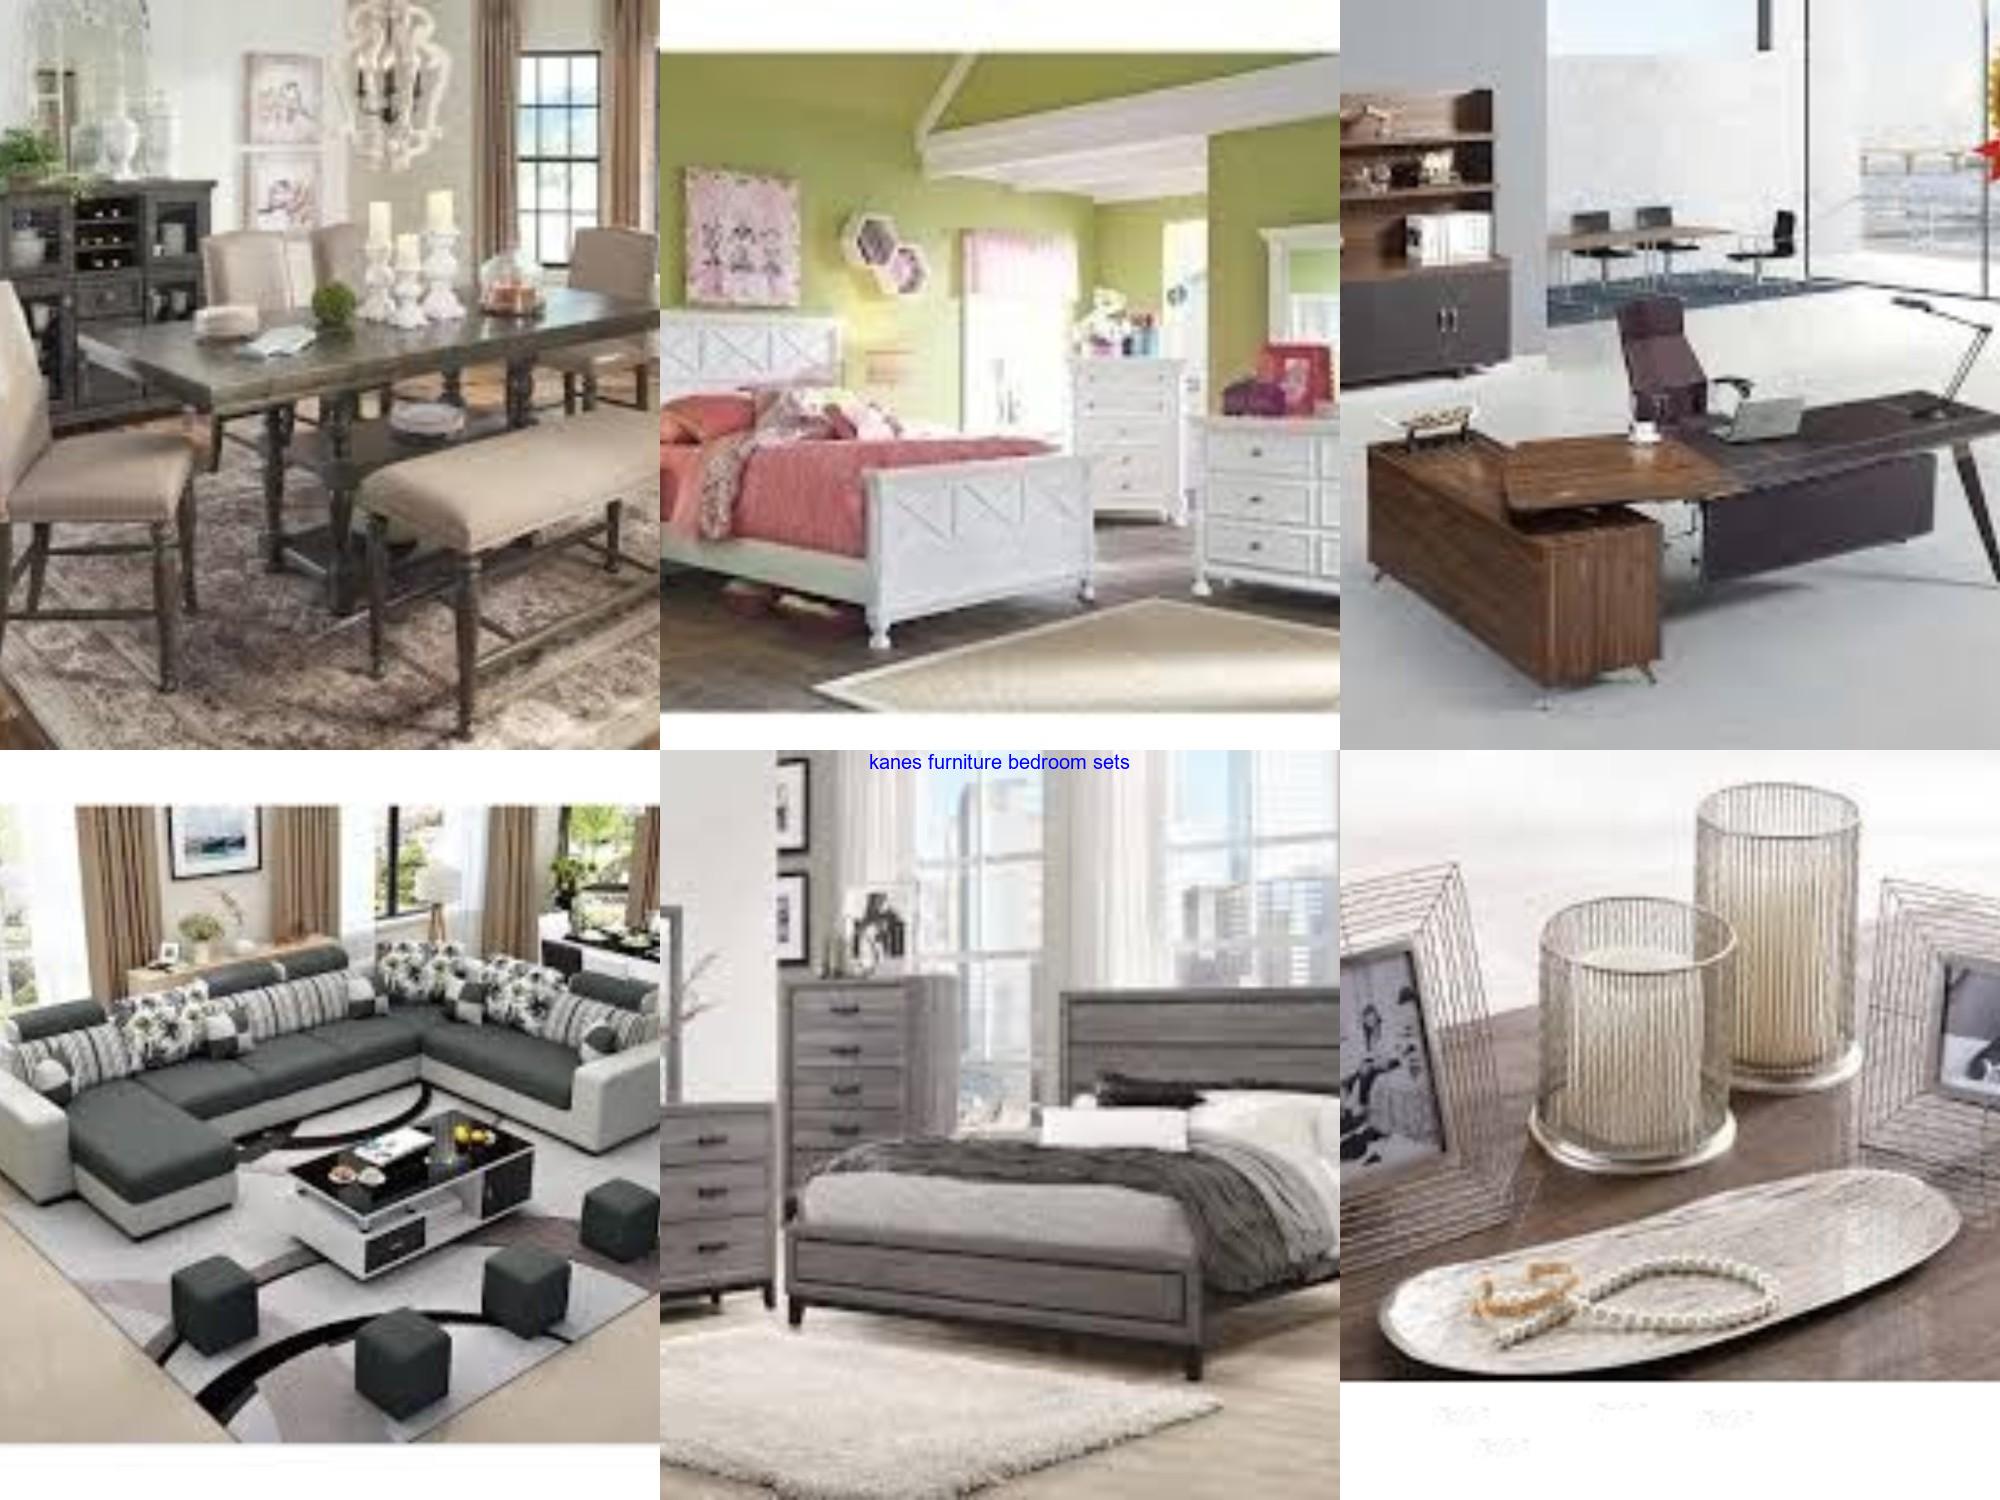 Kanes Furniture Bedroom Sets In 2020 Furniture Prices Bedroom Set Furniture Reviews